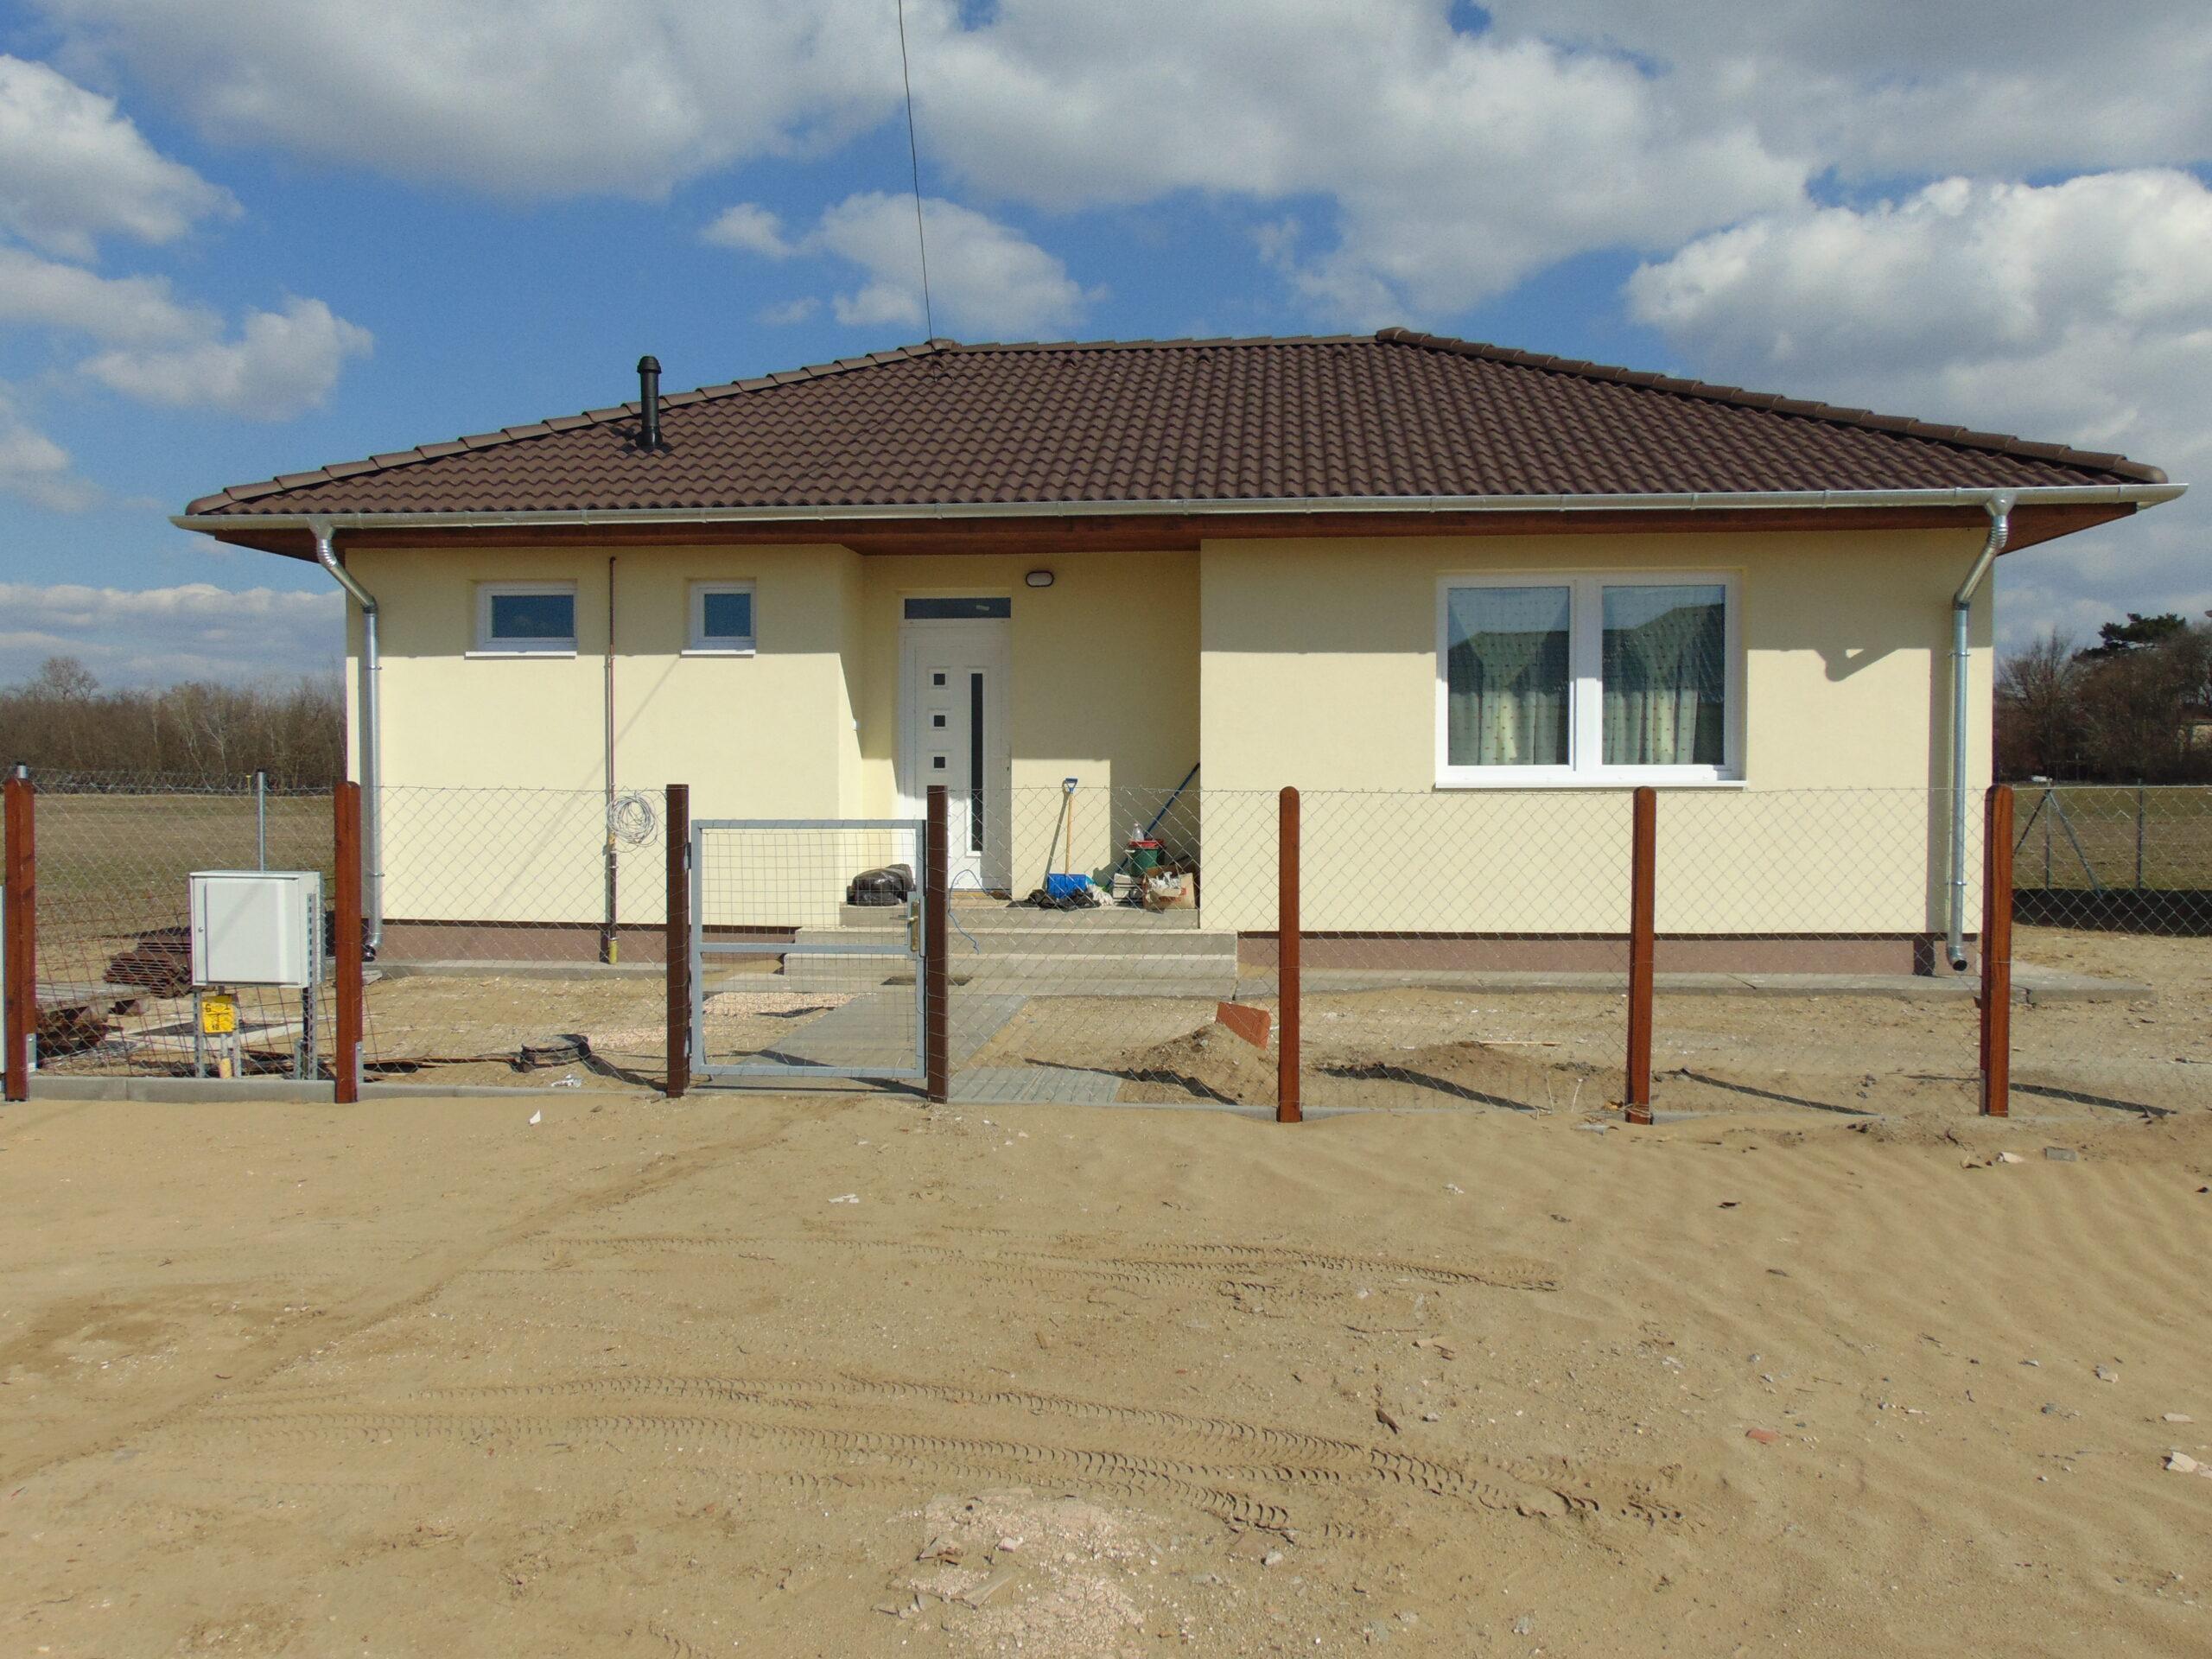 Nappali + 2 szobás 67 m² -es családi ház megrendelhető saját telekre, Kecskemét térségében!